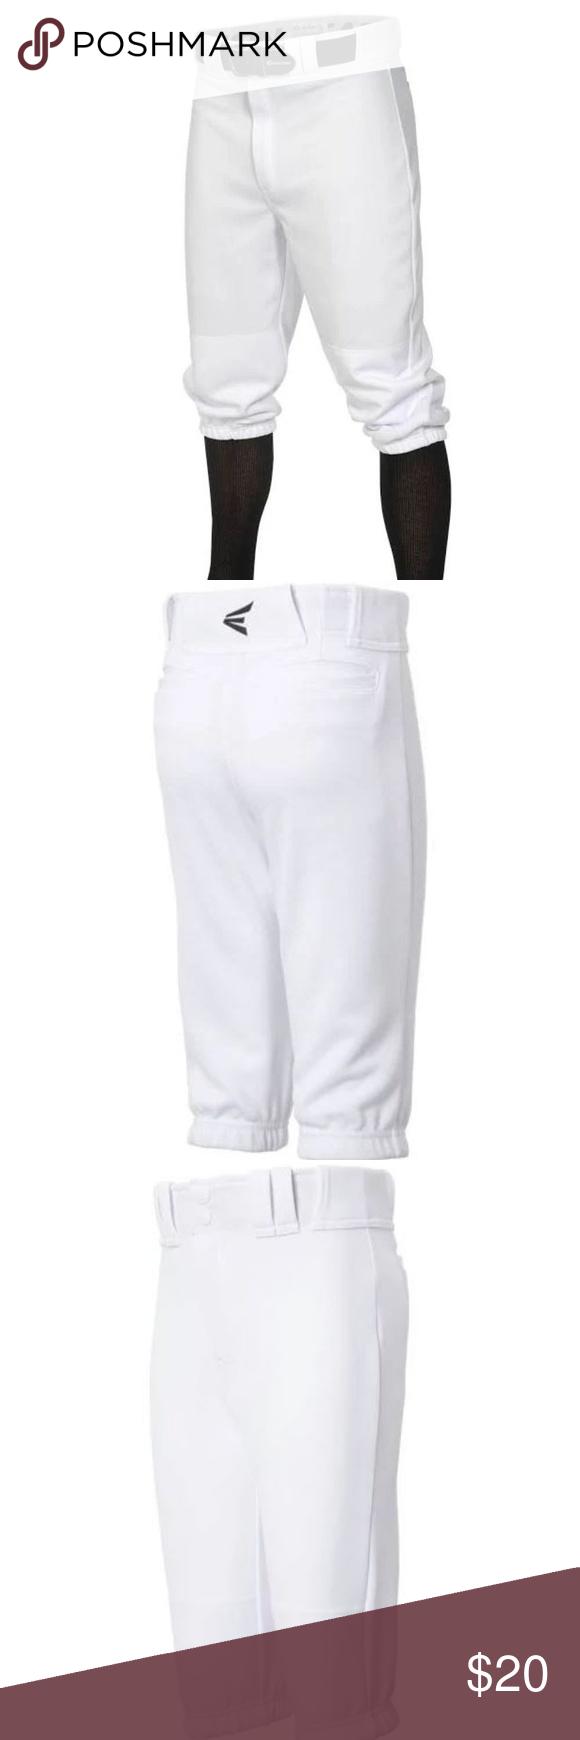 Easton Pro Knicker Youth Baseball Pants Large Easton Pro Knicker Youth Baseball Pants Old School Style Meets Modern Performa Pants Large Baseball Pants Pants